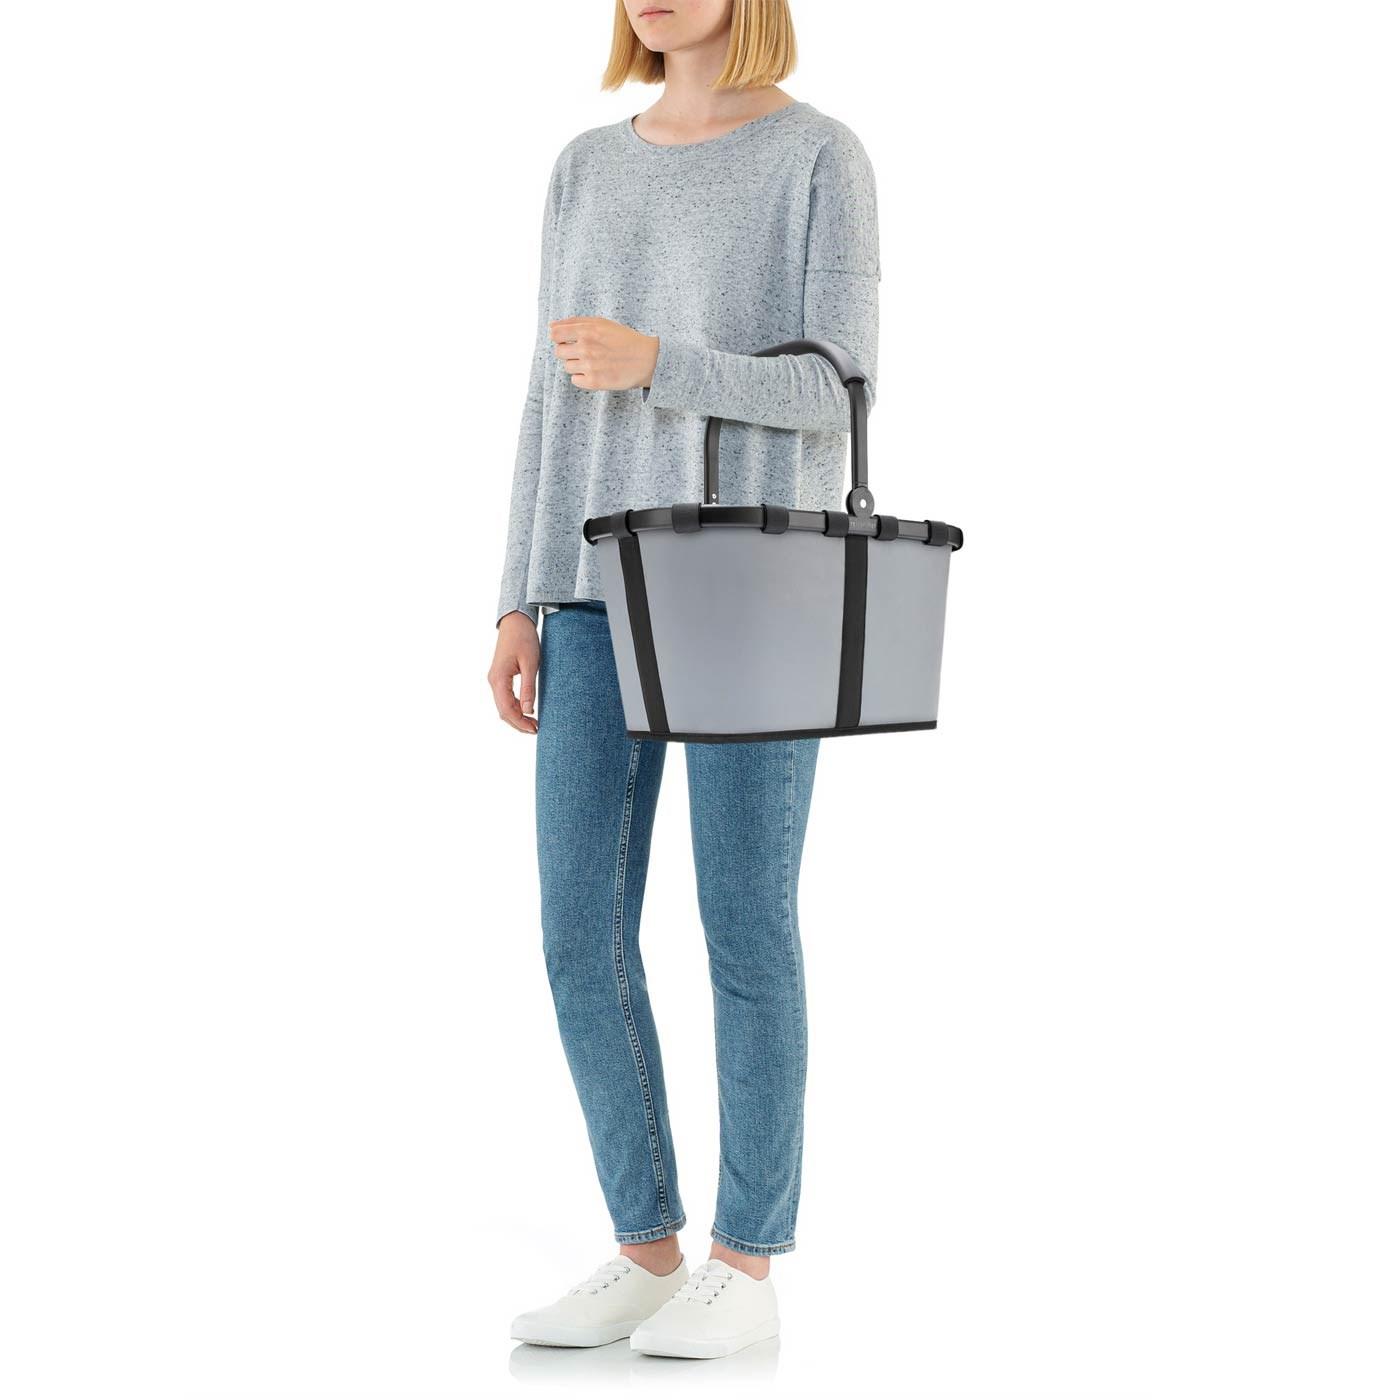 Nákupní košík Carrybag frame reflective_5